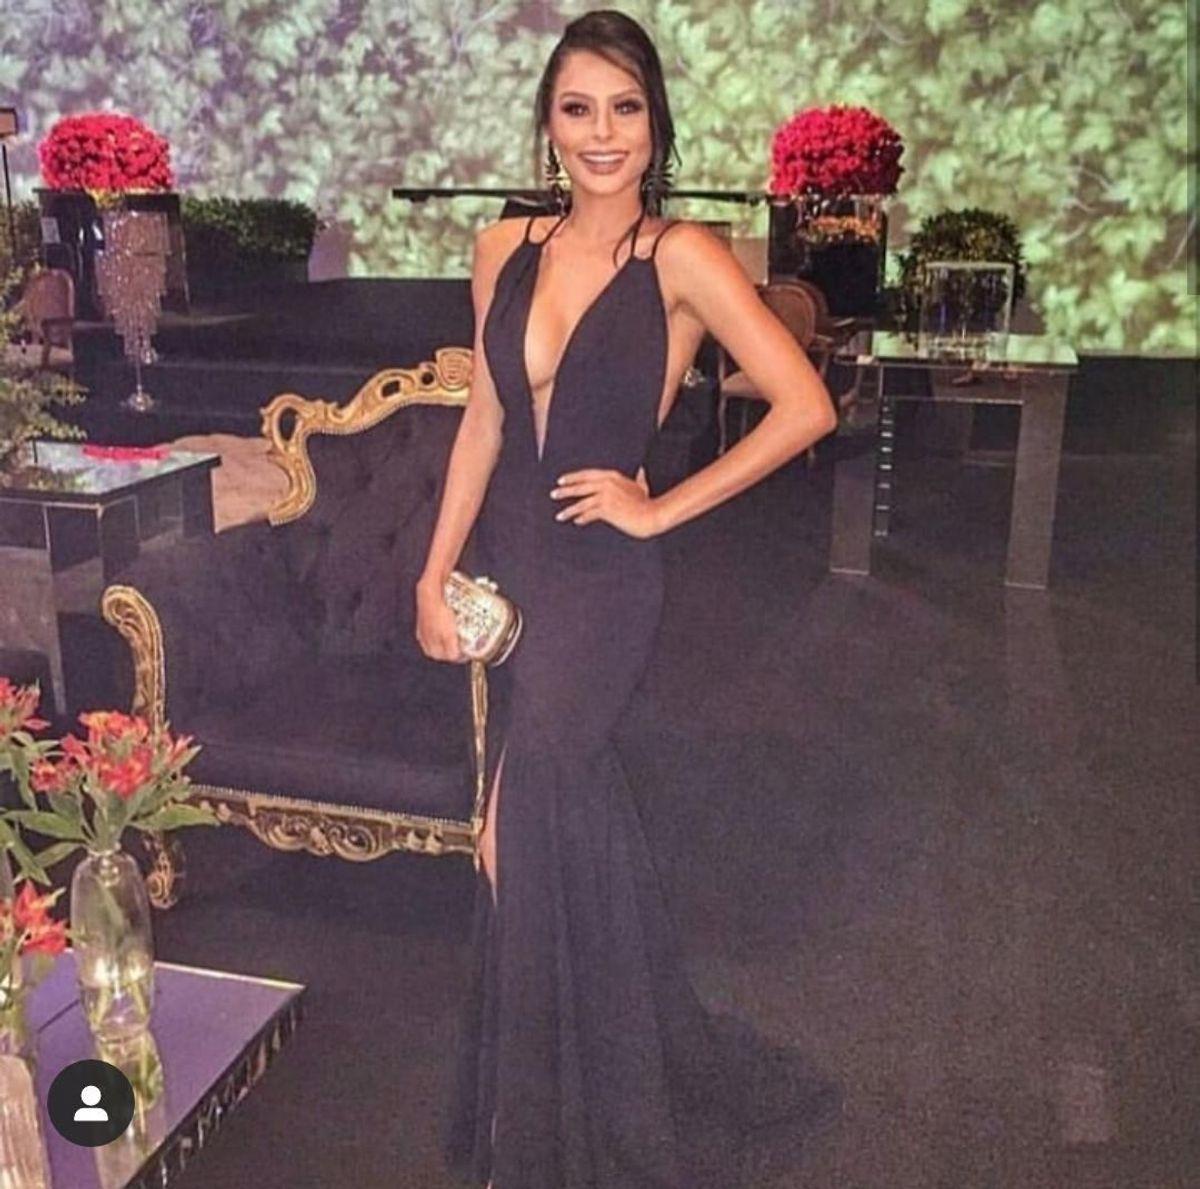 789bfdb90 vestido de festa agilita longo preto com fenda e decote formatura e  convidada de casamento -